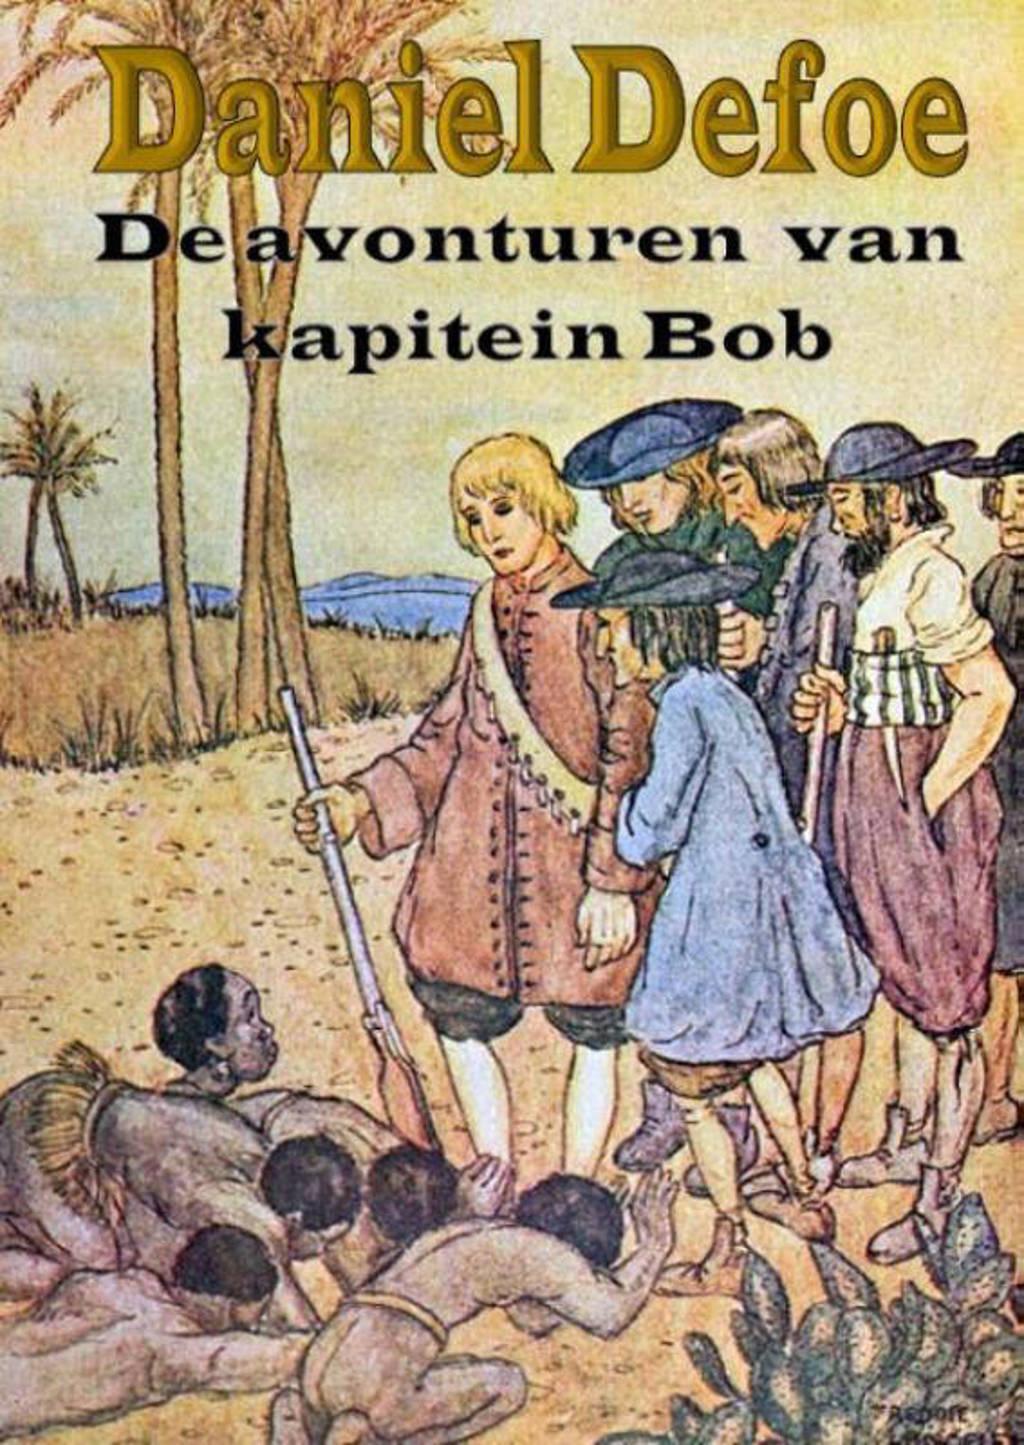 De avonturen van kapitein Bob - Daniël Defoe